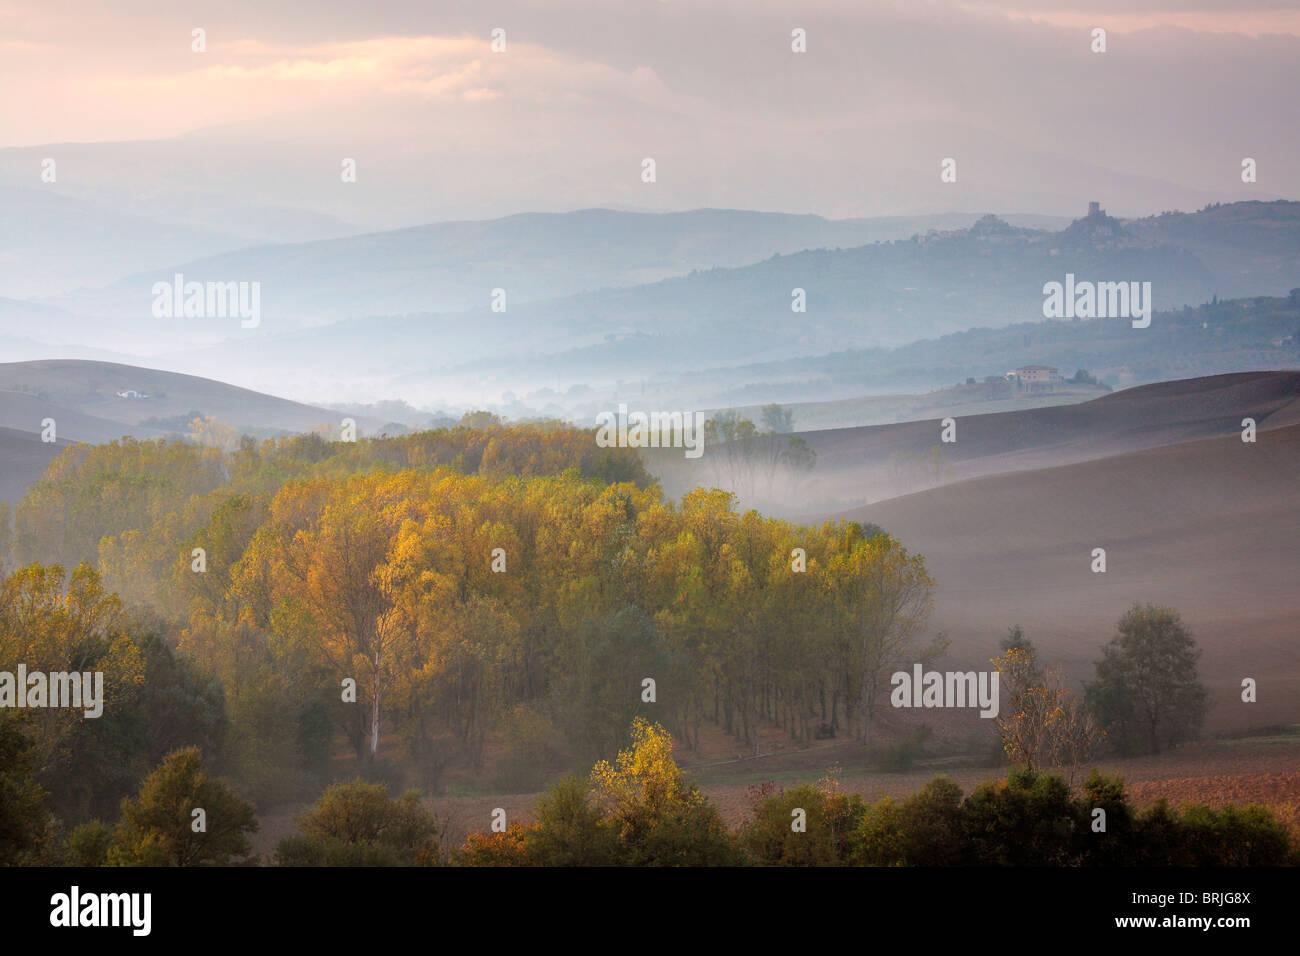 Ein Nebel gehüllten Mt Amiata erhebt sich über einem nebligen Tal in der Nähe von San Quirico D'Orcia Stockbild